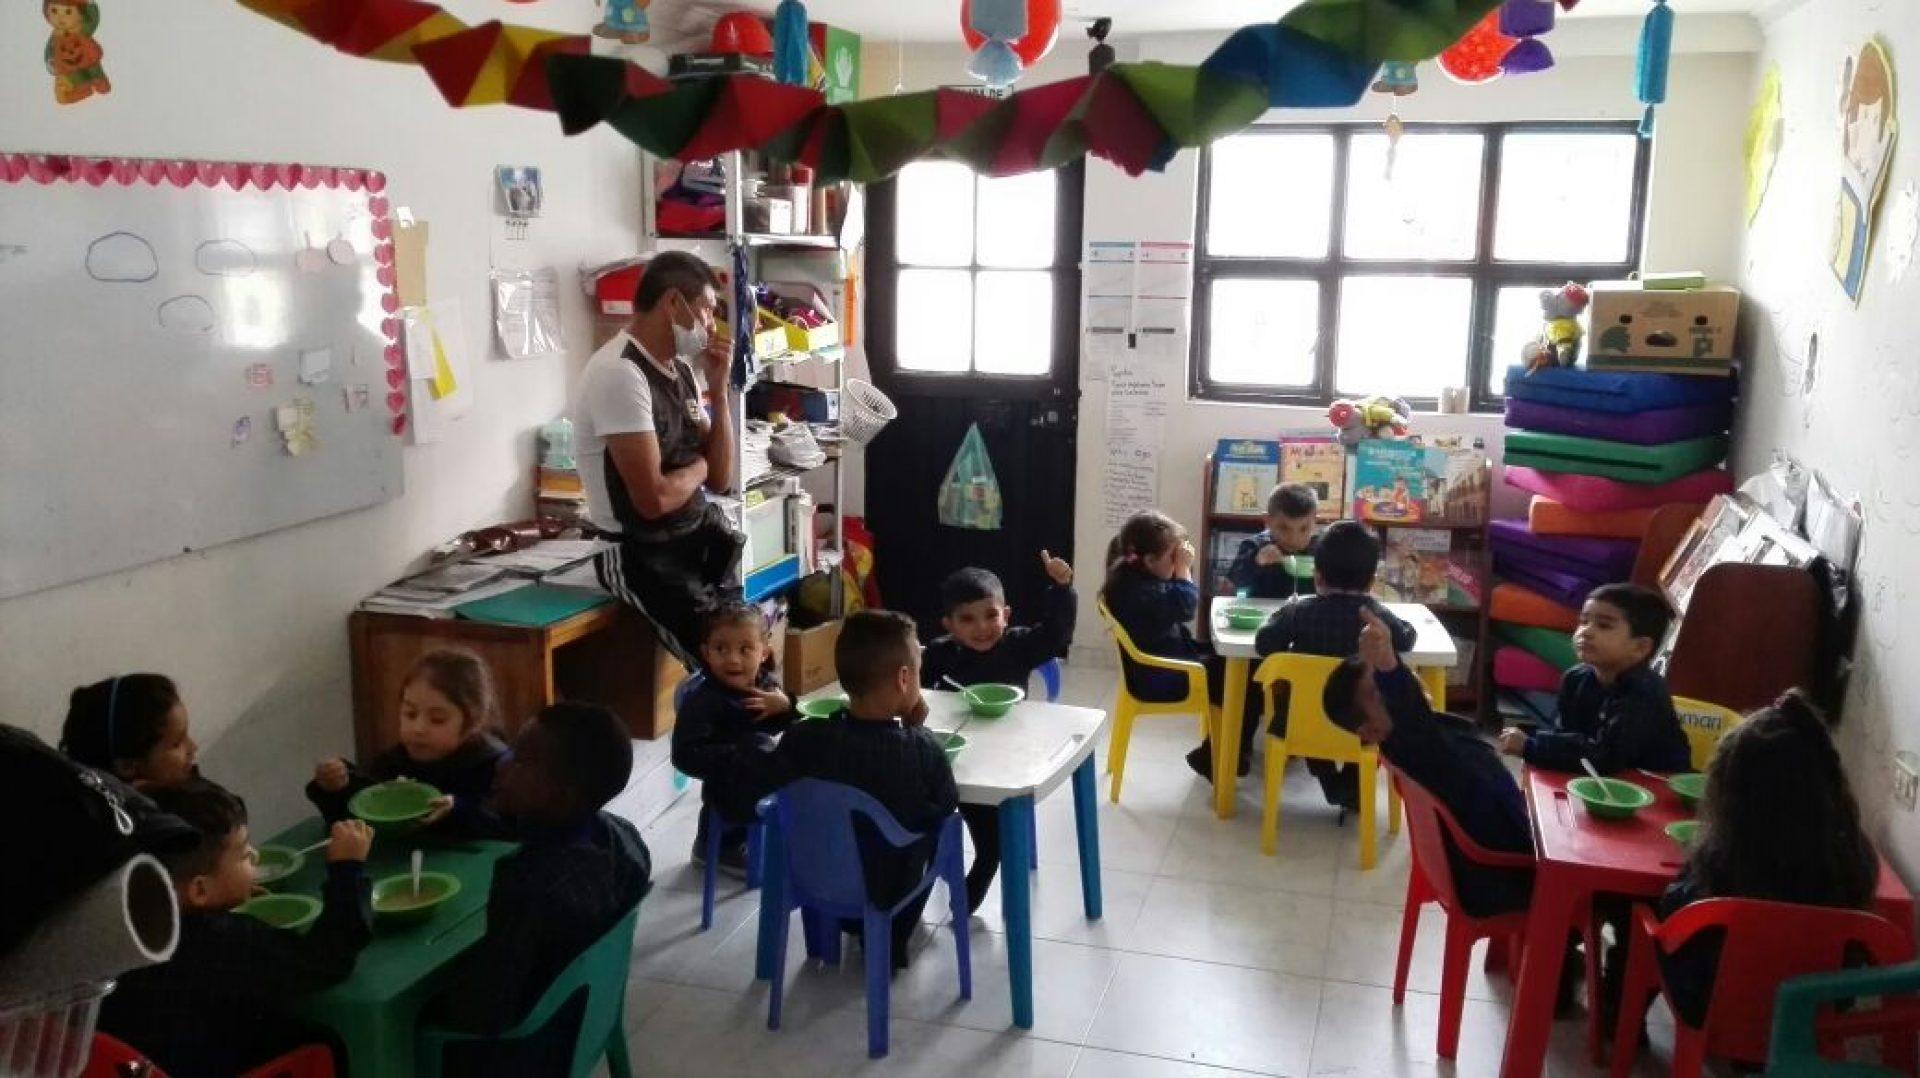 Fotografía del jardín infantil de Norma, clienta de Bancamía- Fundación Microfinanzas BBVA